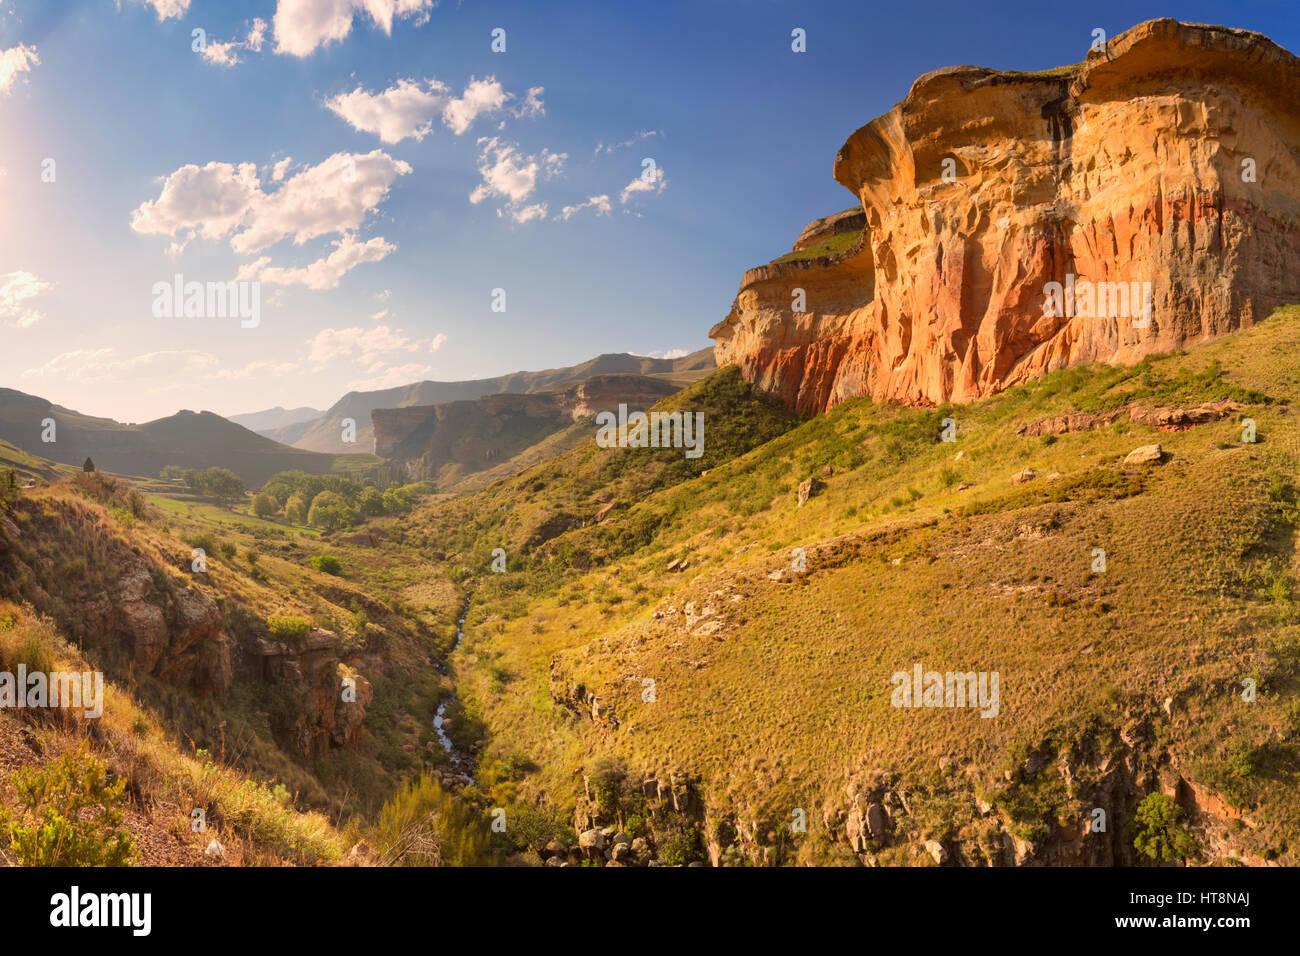 Le Golden Gate Highlands National Park en Afrique du Sud, photographié à la fin de l'après-midi Photo Stock